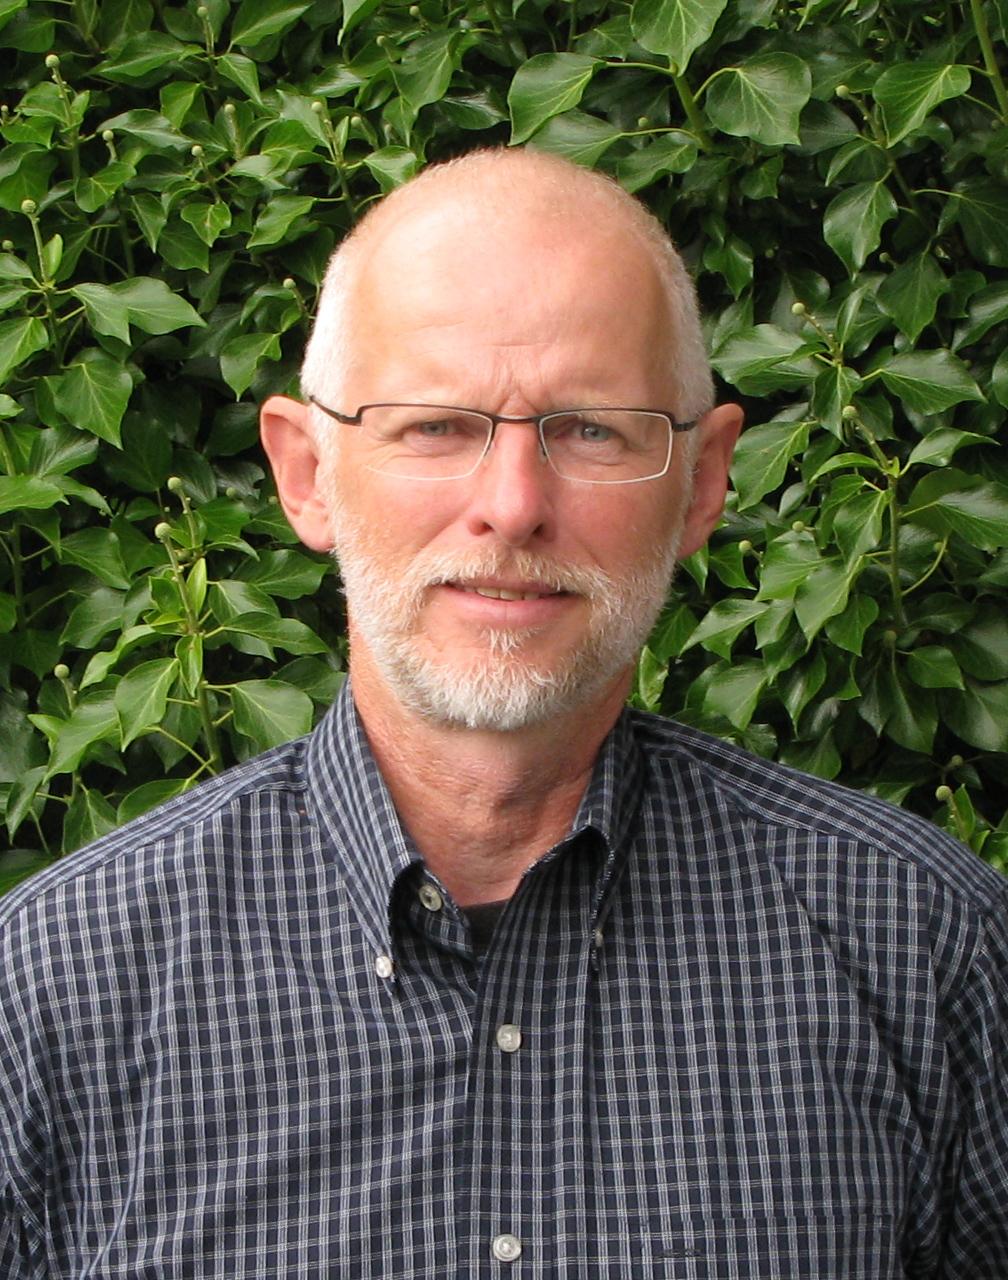 Jens Tang Christensen